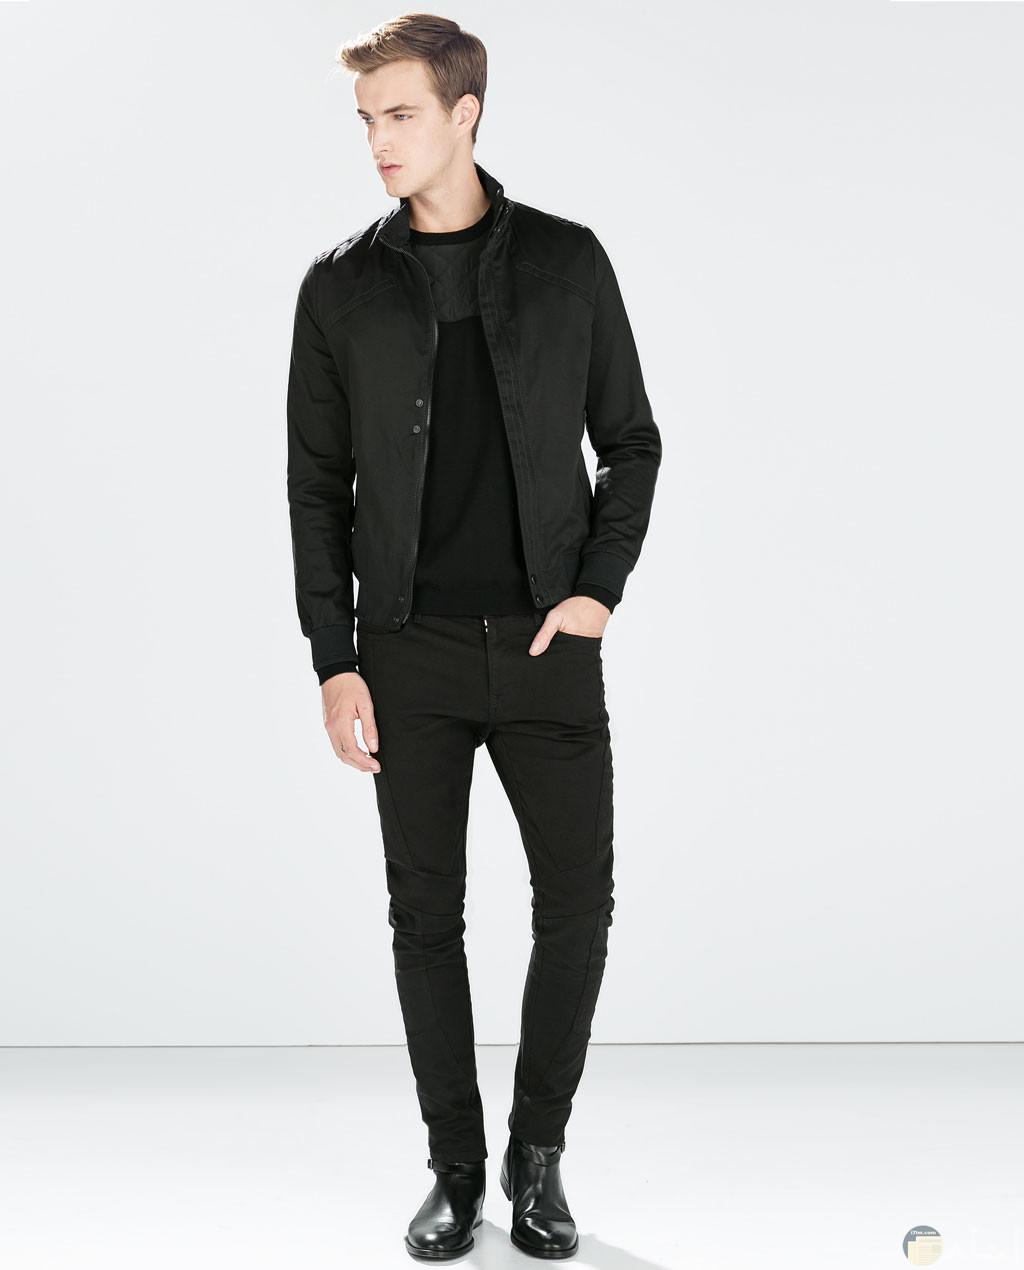 صورة شخصية لشاب يرتدى ملابس سوداء